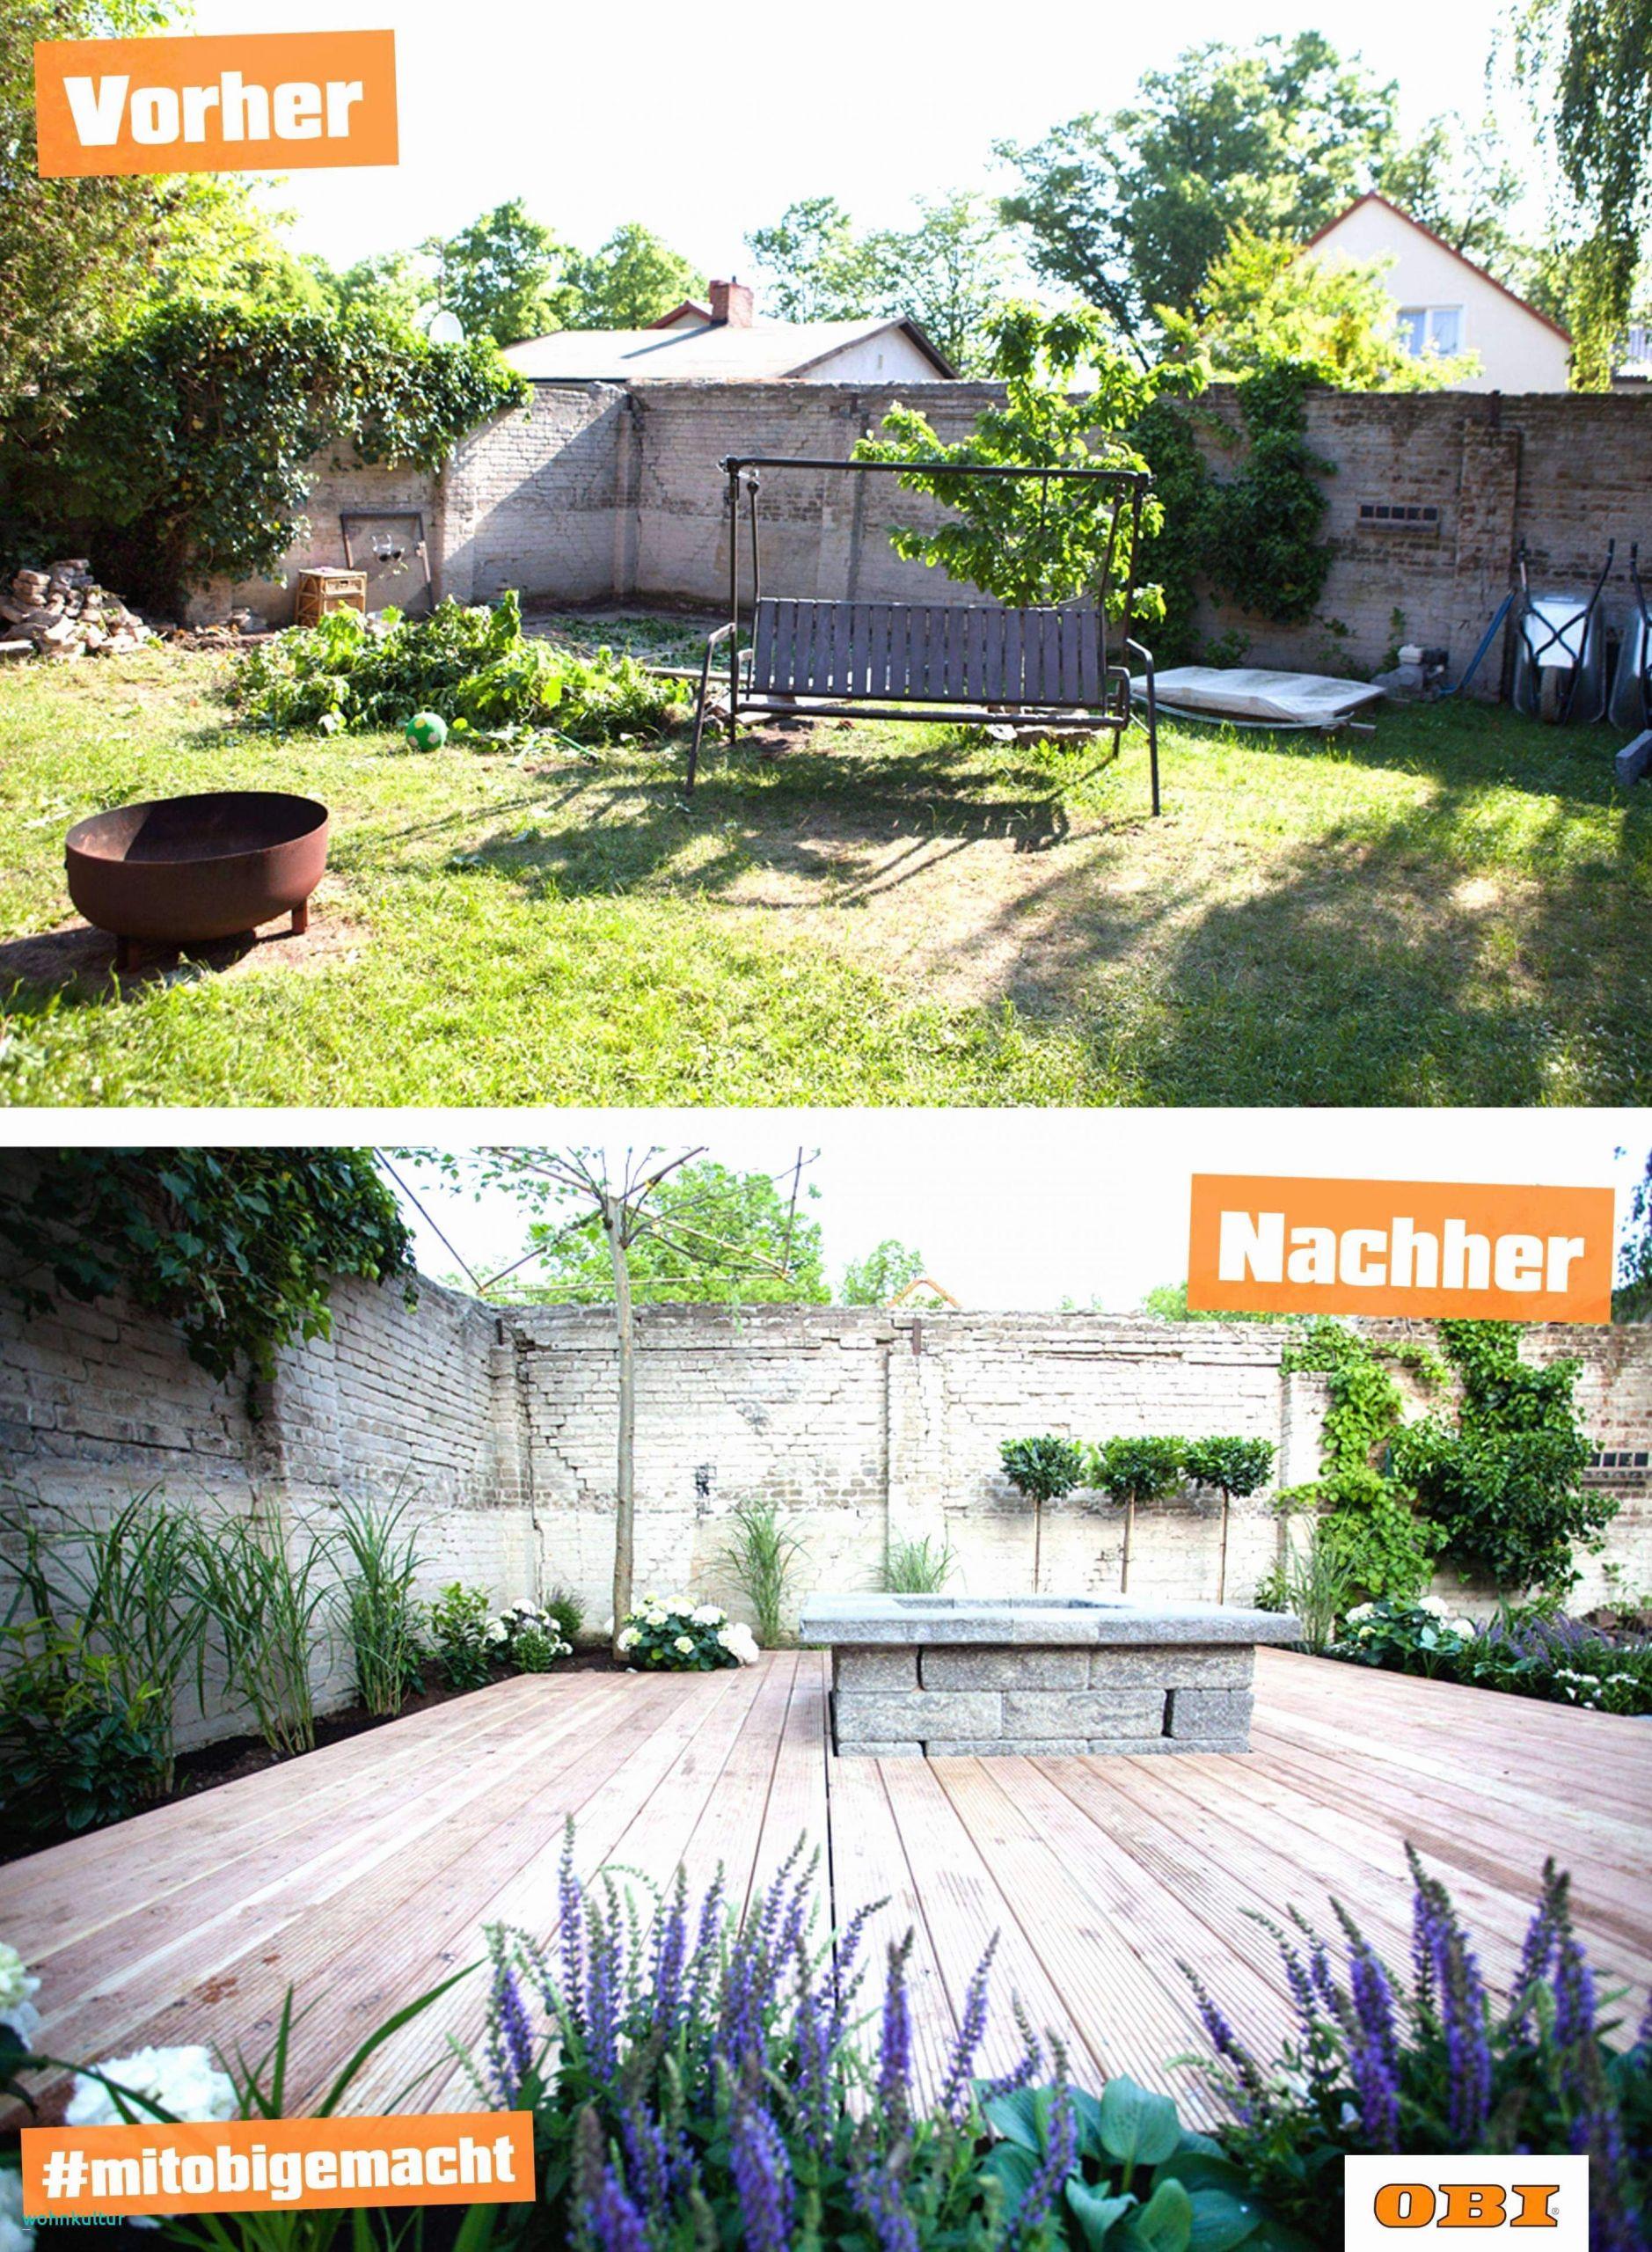 Garten Planen software Neu Kleiner Reihenhausgarten Gestalten — Temobardz Home Blog